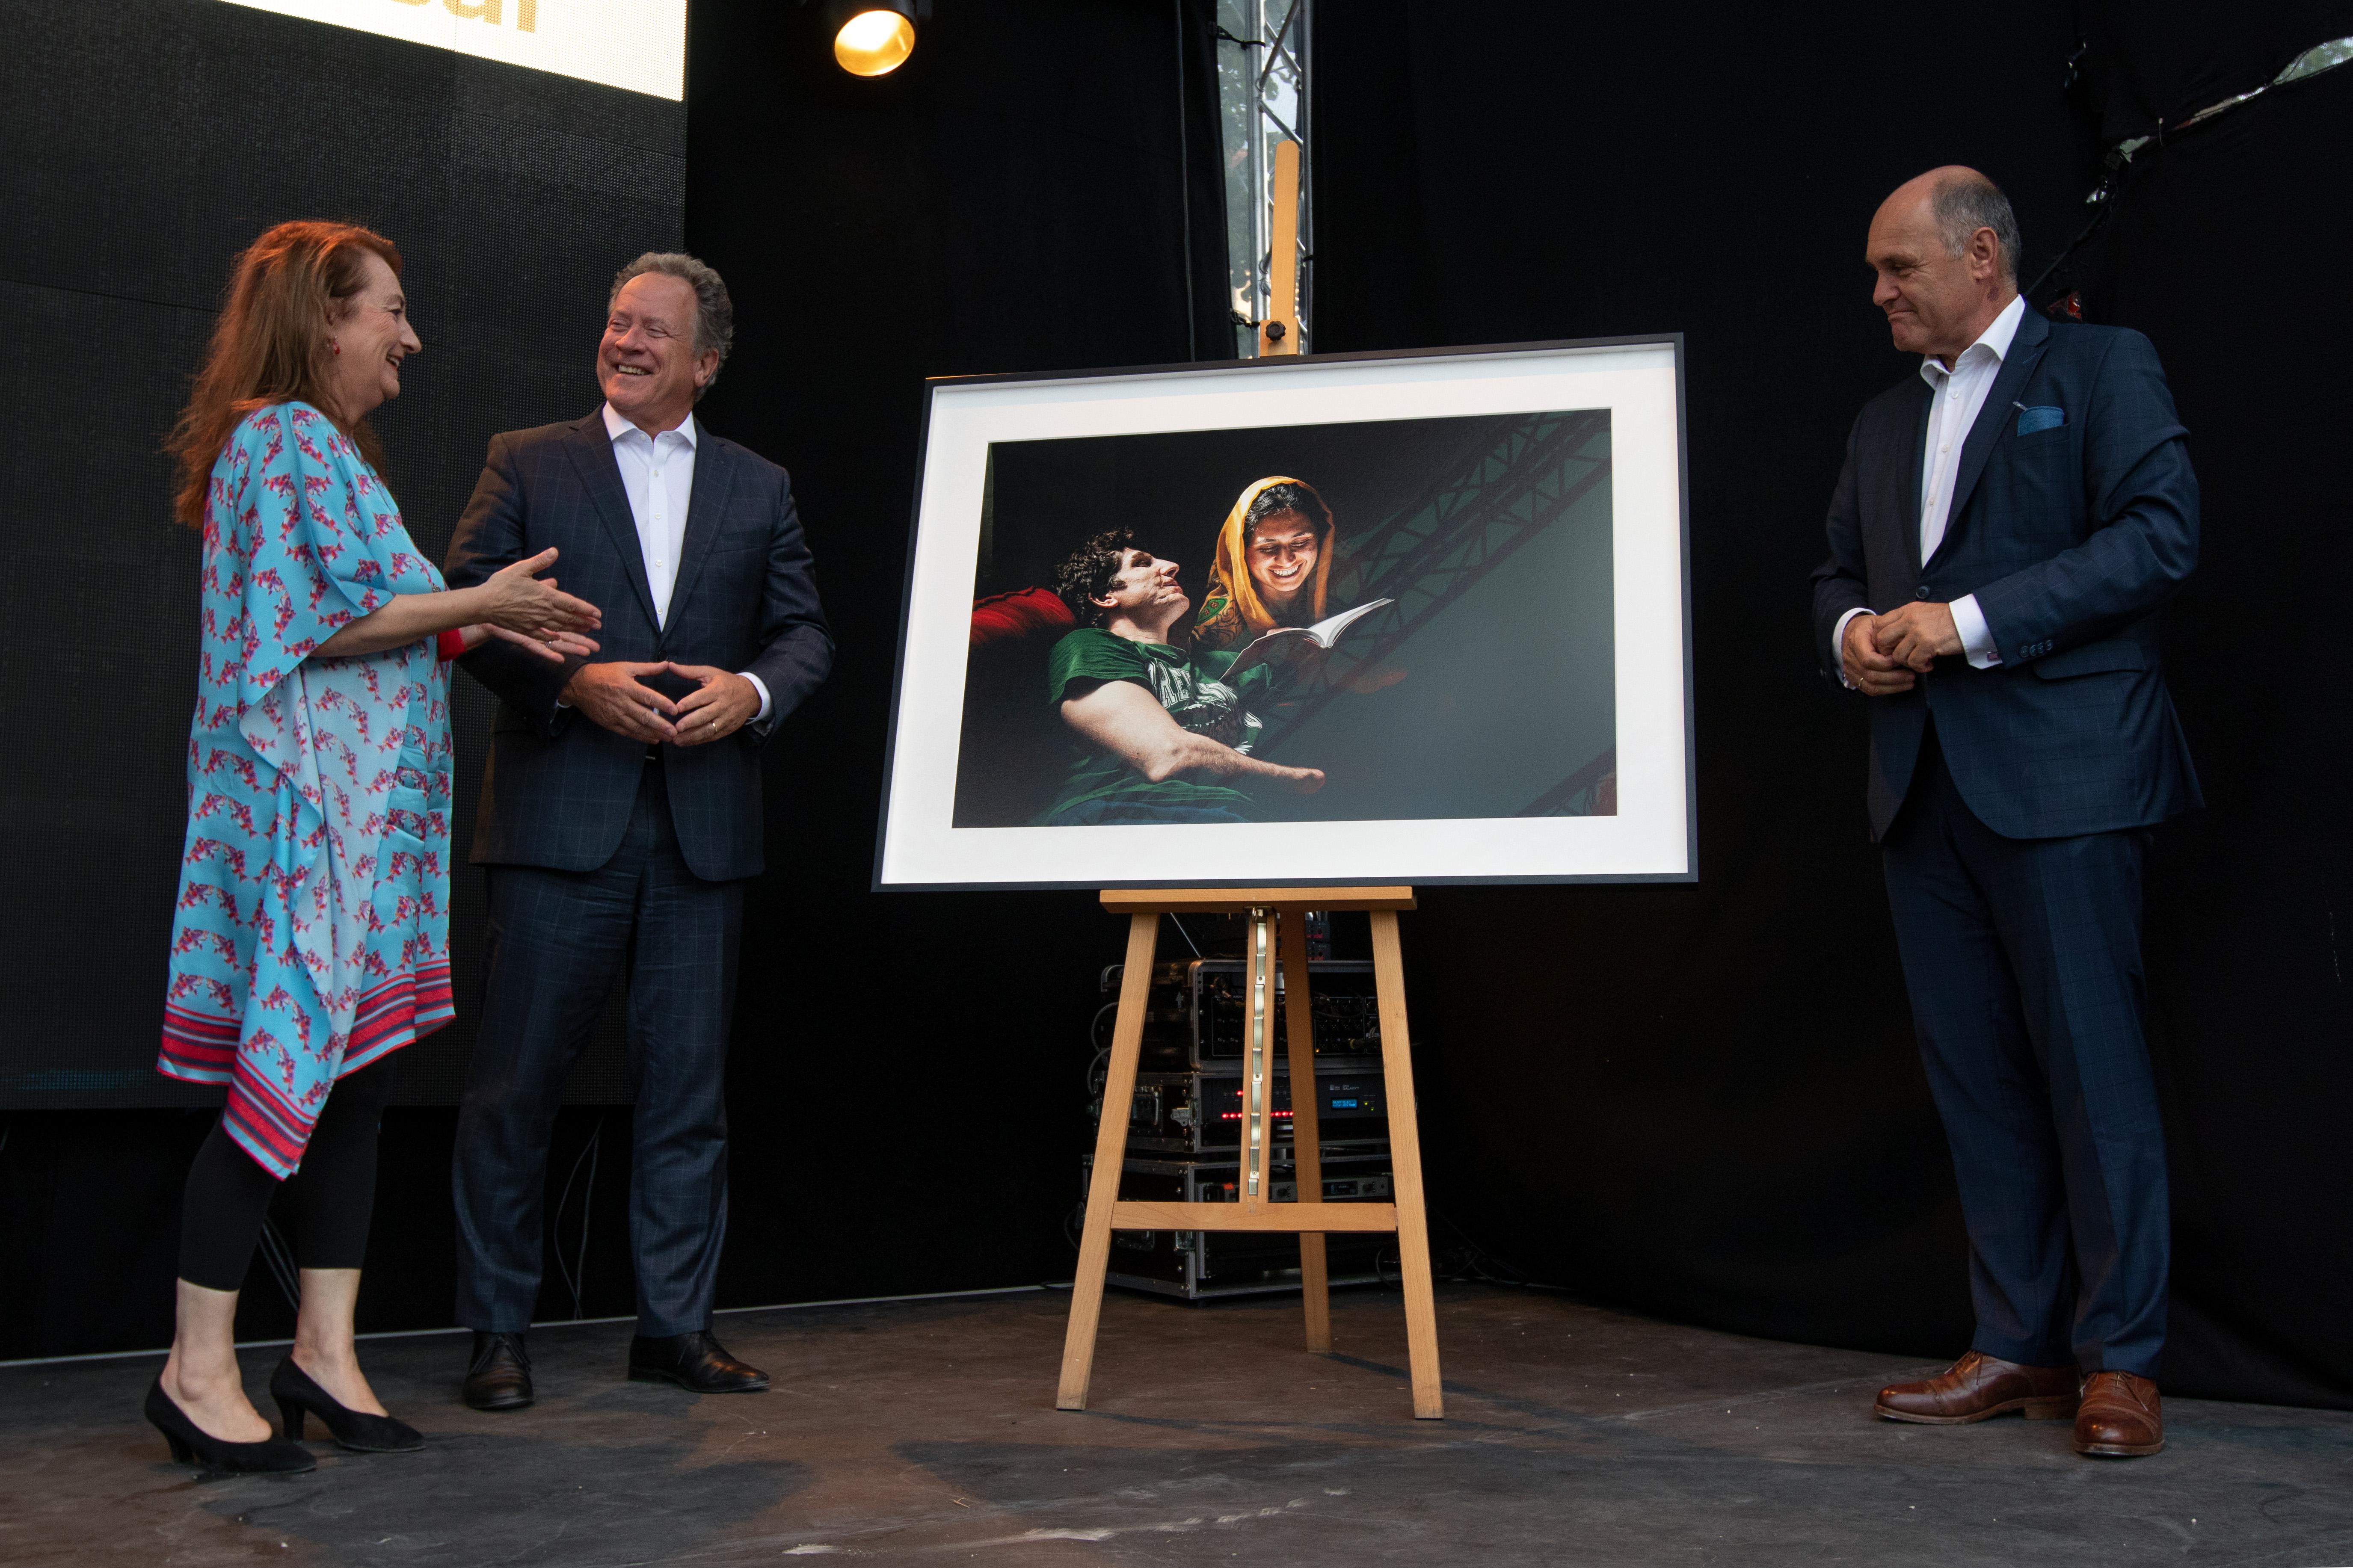 Iranian photographer Sasan Moayyedi wins the Global Peace Photo Award